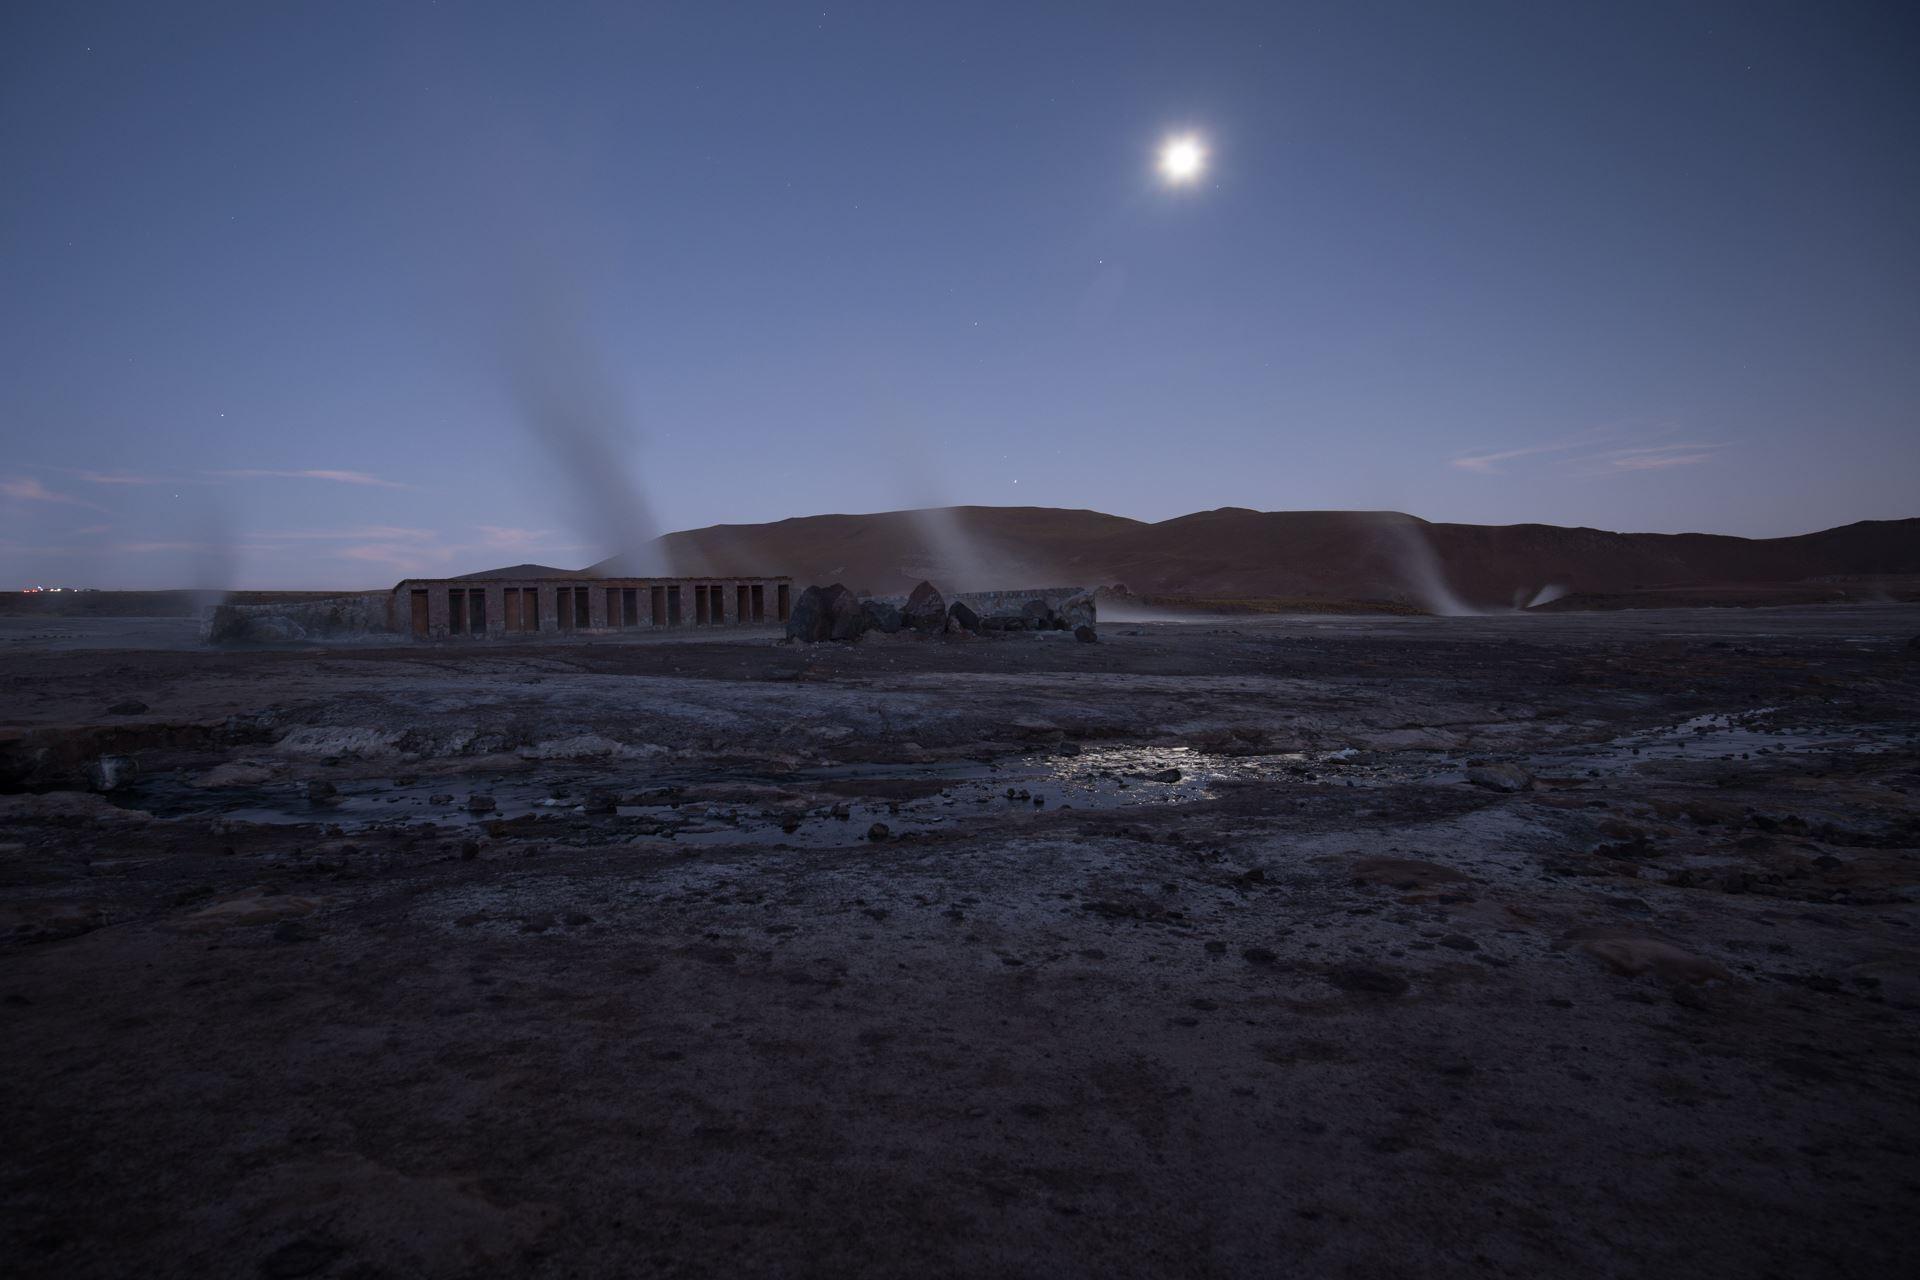 Atacama oasis